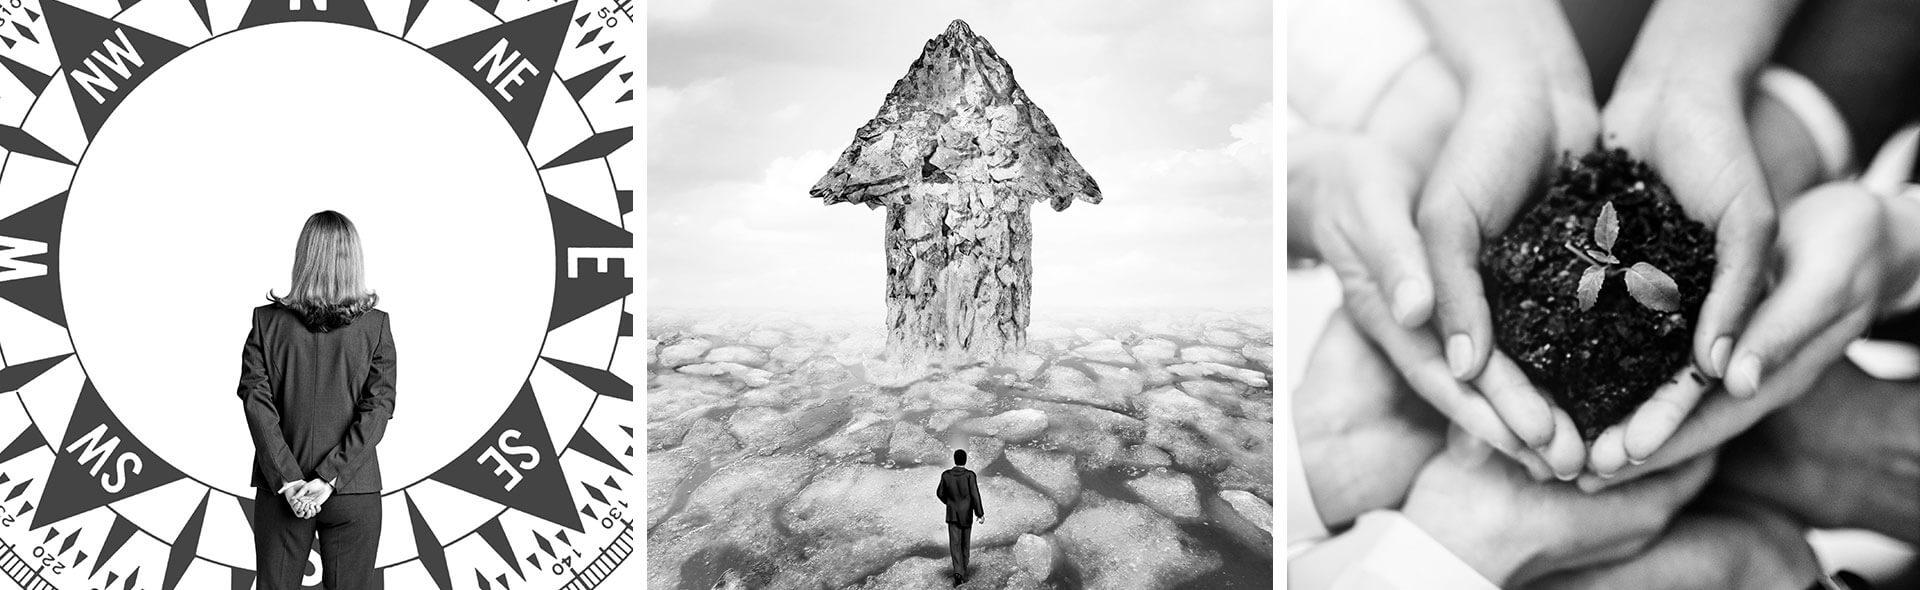 webinar-header-3-corporate-anxieties